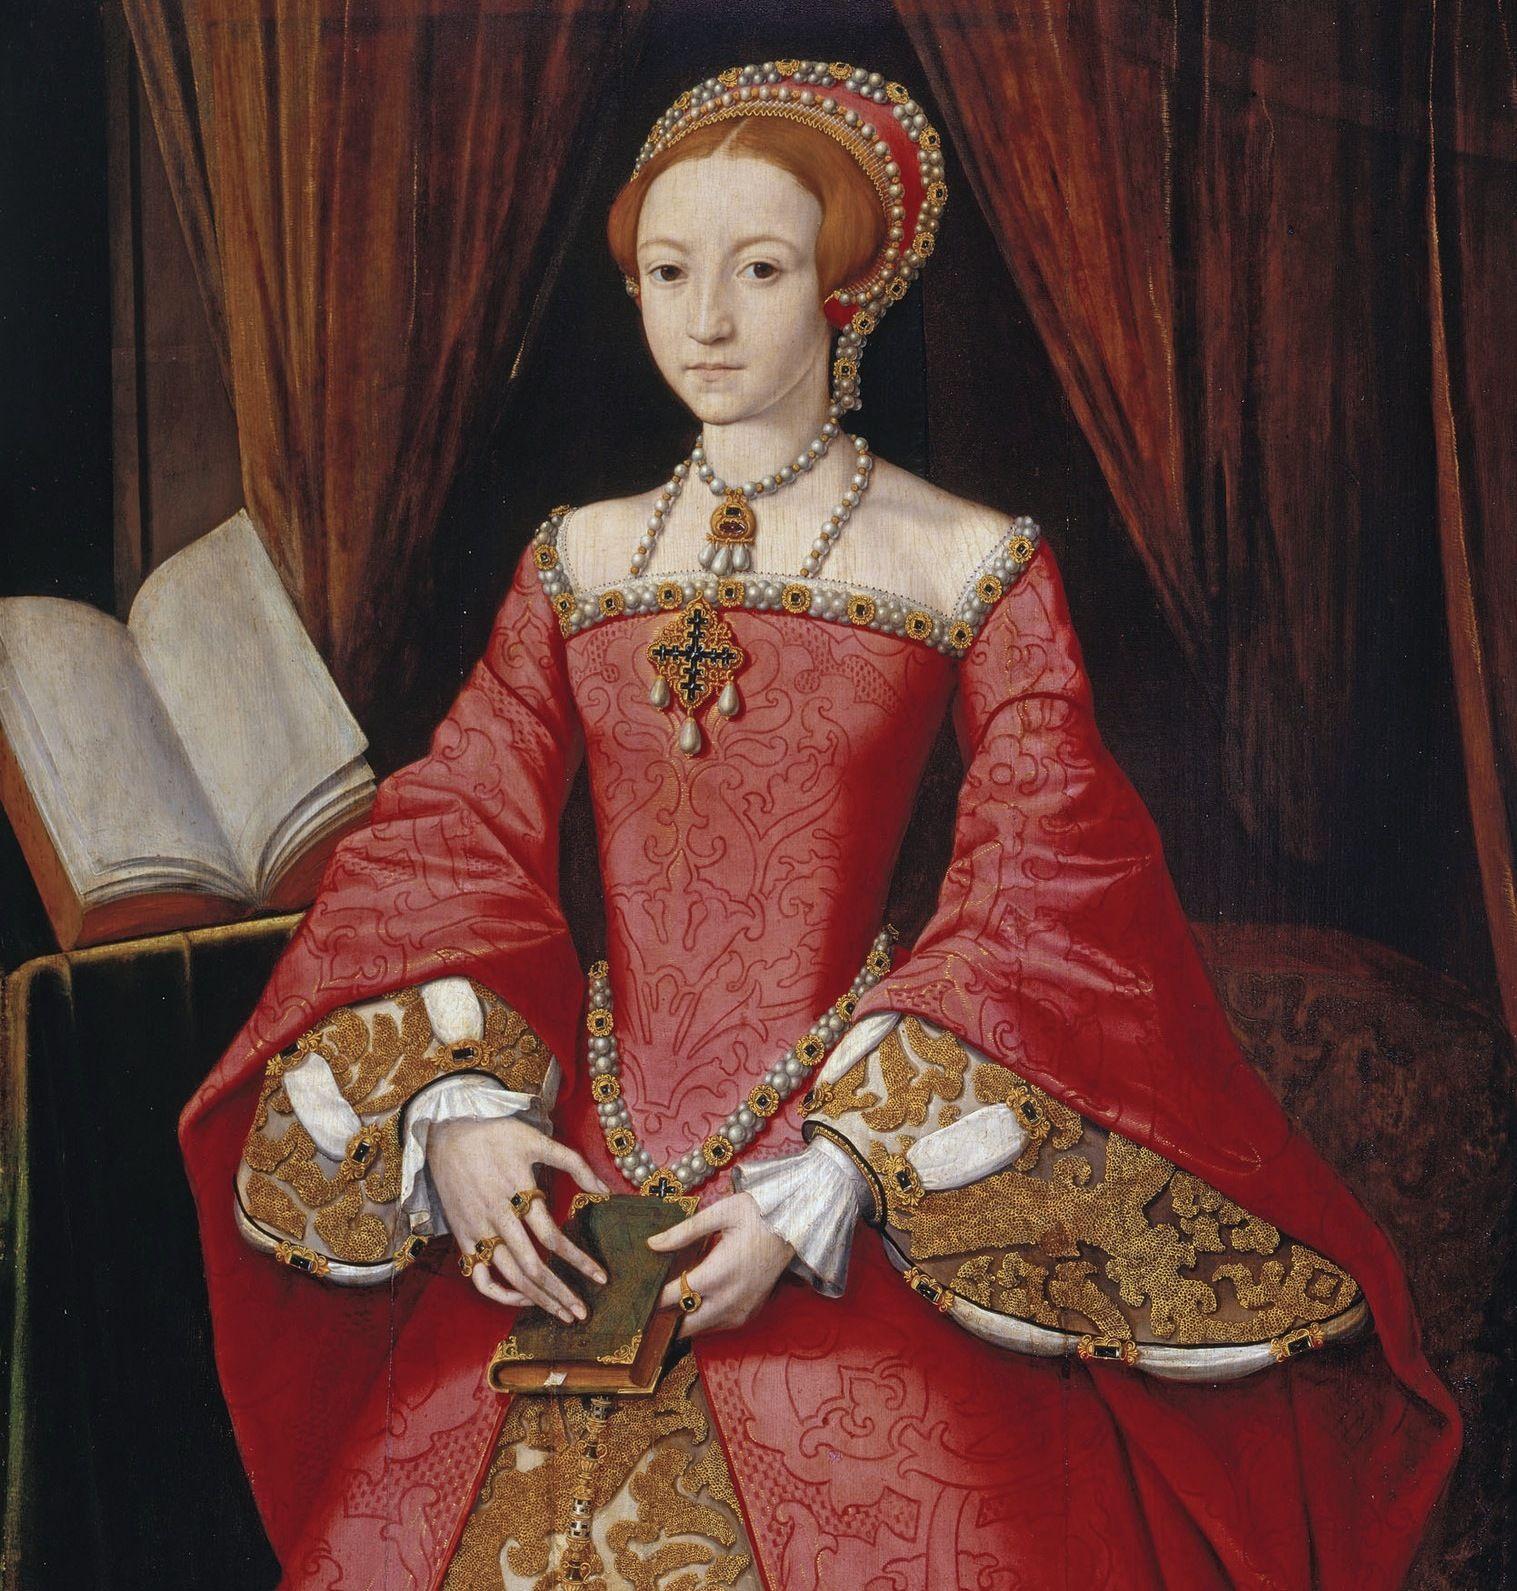 13-letnia Elżbieta... czy może chłopiec z Bisle. Bo czyż kobieta mogła mieć tak długie palce i smukłą sylwetkę? (źródło: domena publiczna).